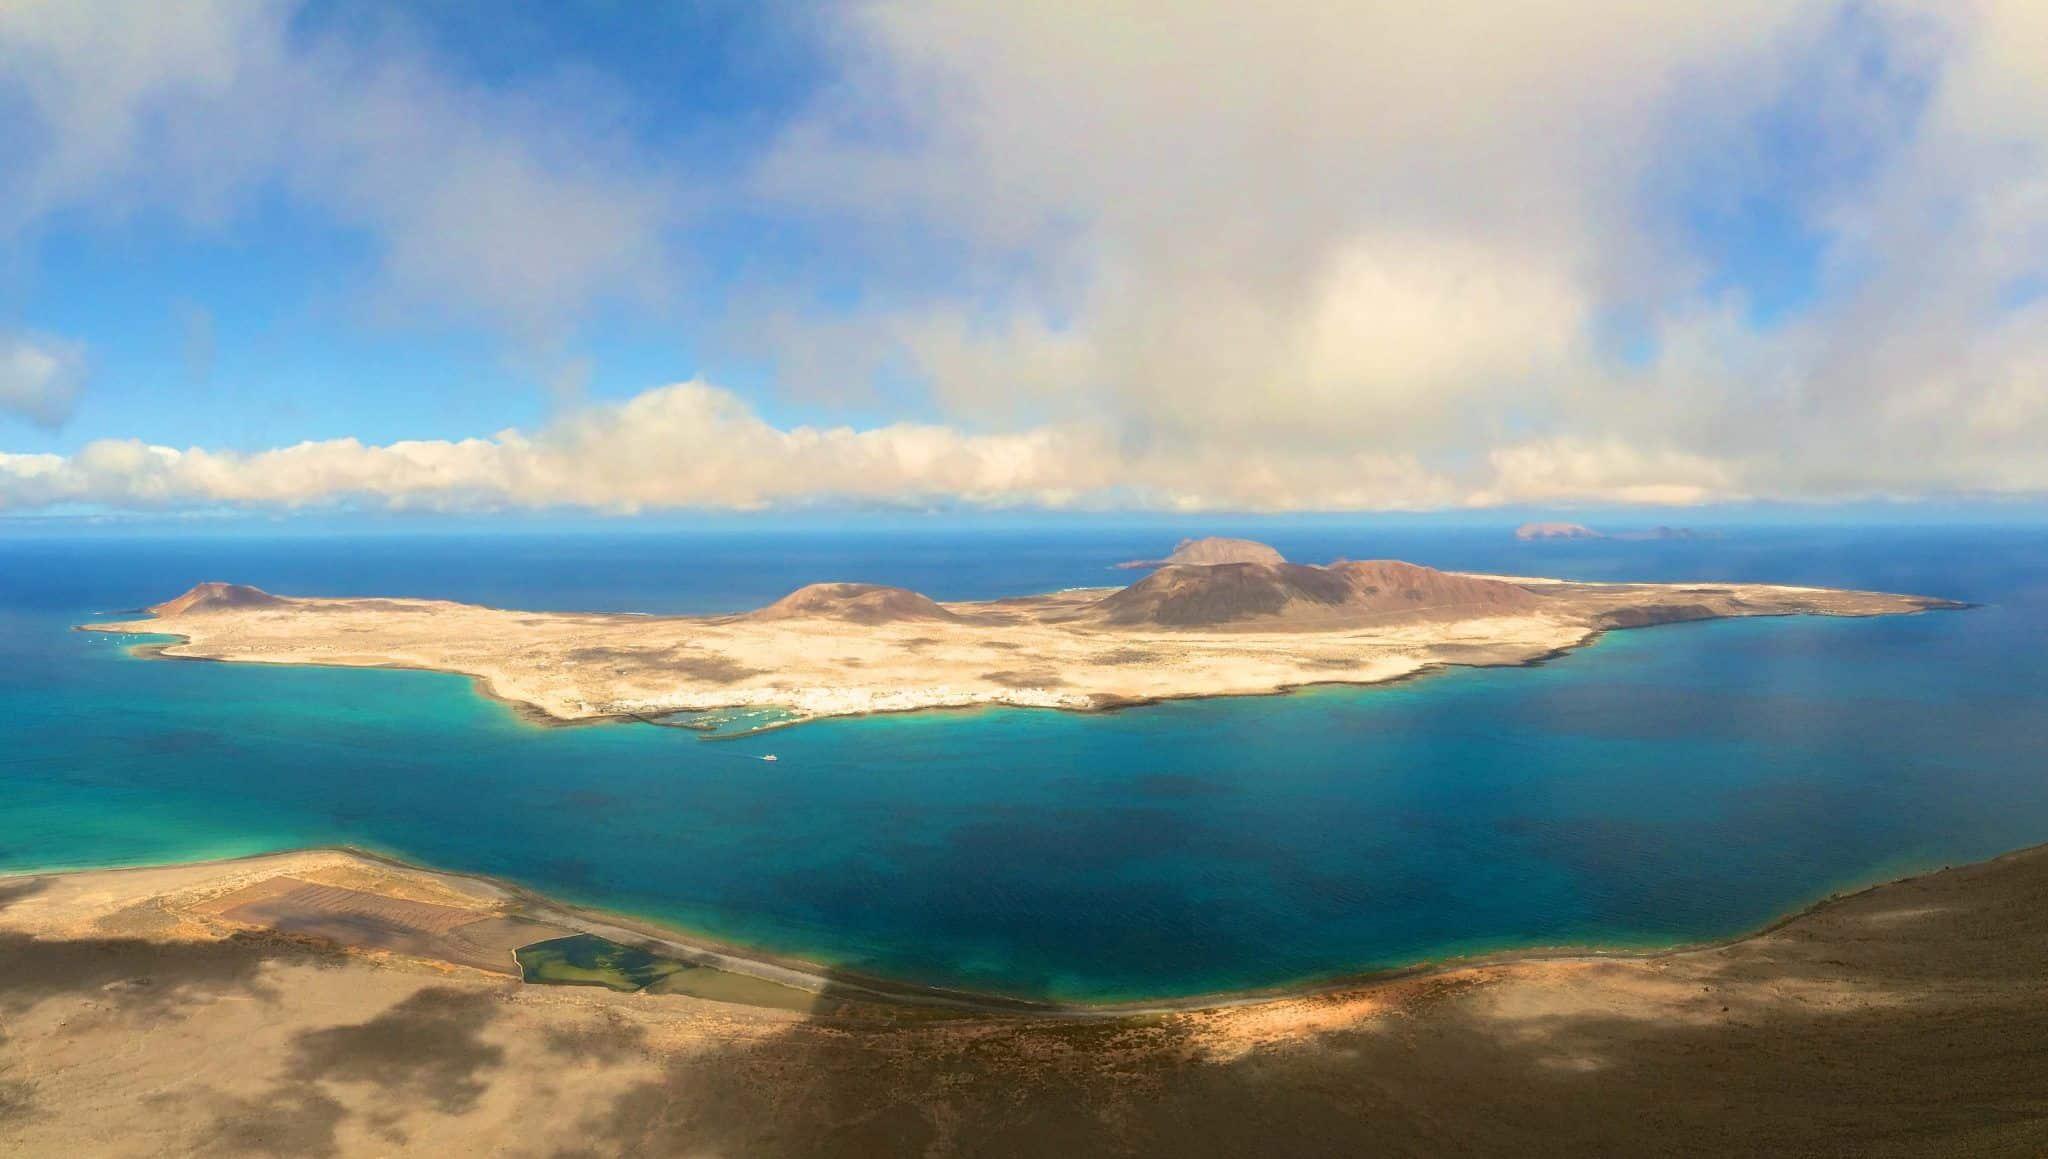 Blick von Lanzarote auf die Nachbarinsel La Graciosa: Die Vulkaninsel ist ein Paradies für Wassersportler und Abenteurer. Foto: Sascha Tegtmeyer